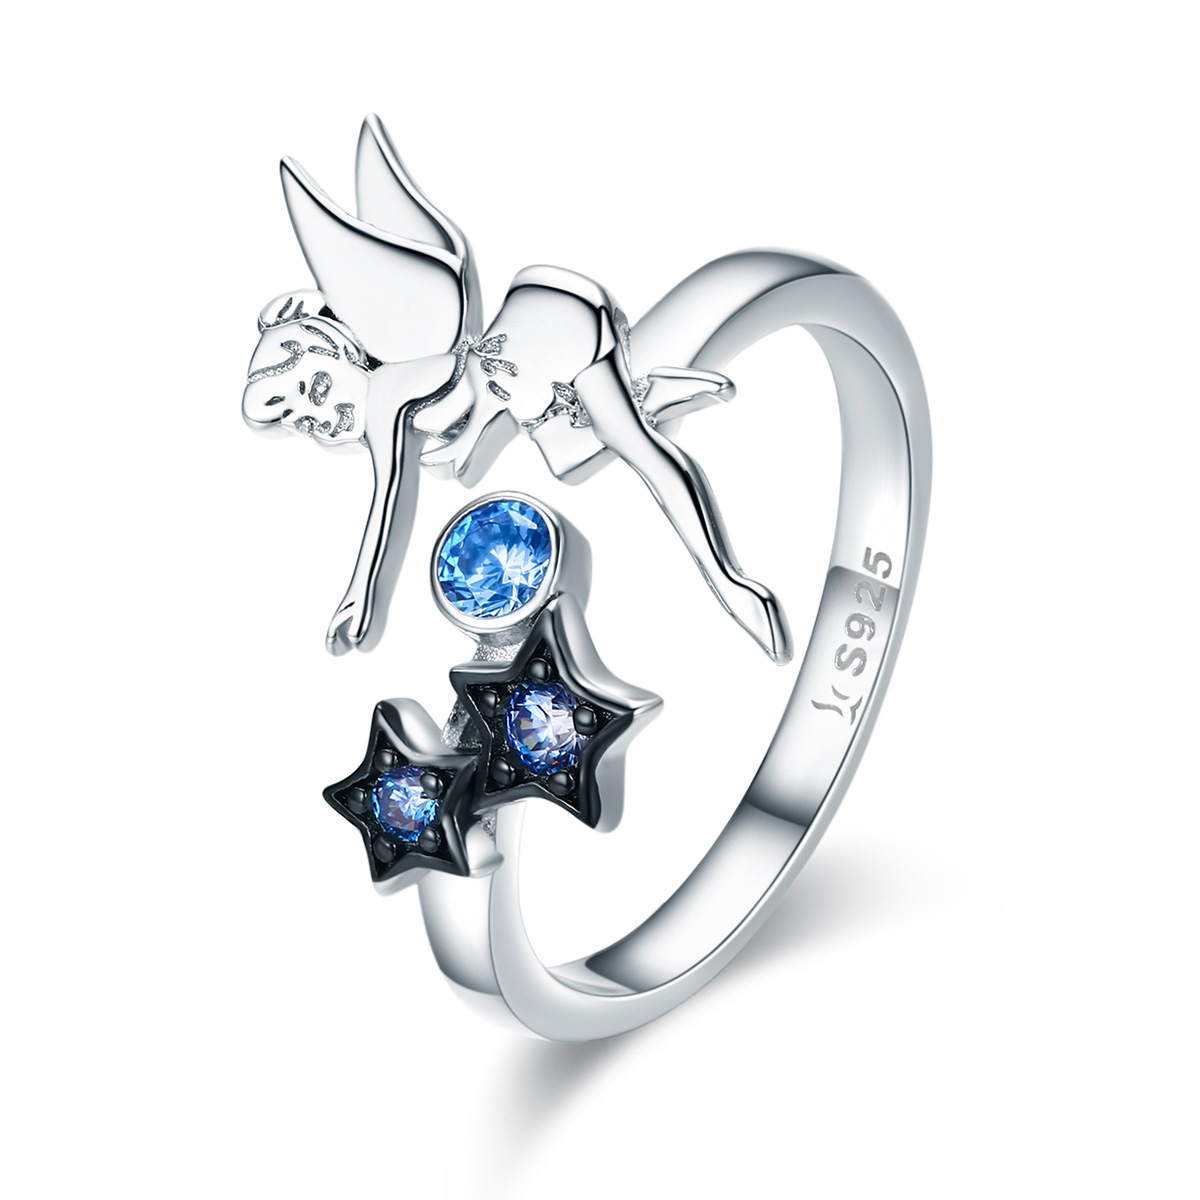 OLIVIE Strieborný prsteň VÍLA 2948 Ag 925; ≤2,5 g.